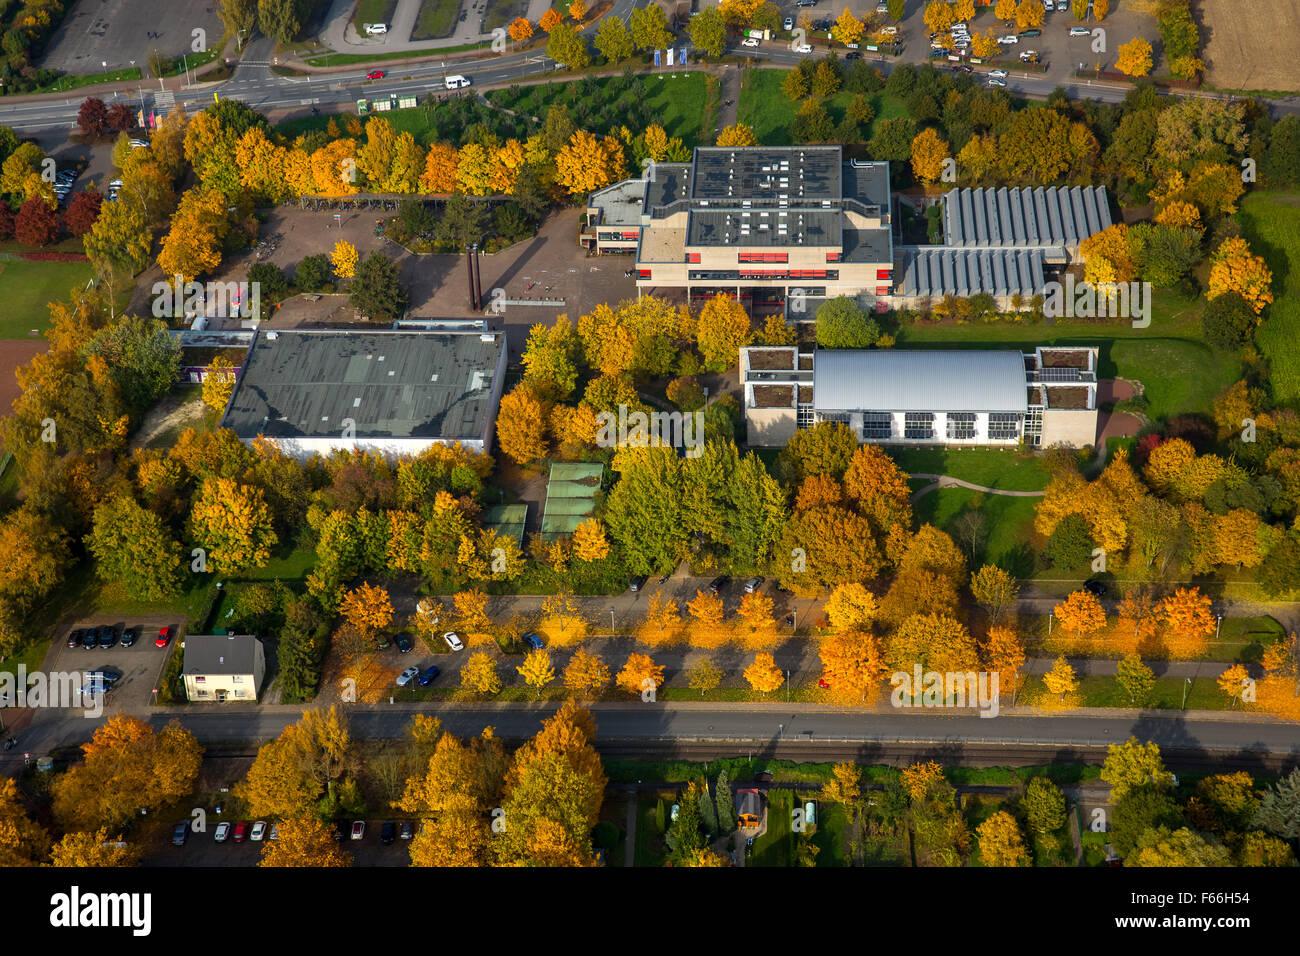 Freiherr-Vom-Stein-Gymnasium in Europa Luftaufnahme Vögel-Augen Blick Fotografie Luftaufnahmen Ove, Herbstlaub, Stockbild